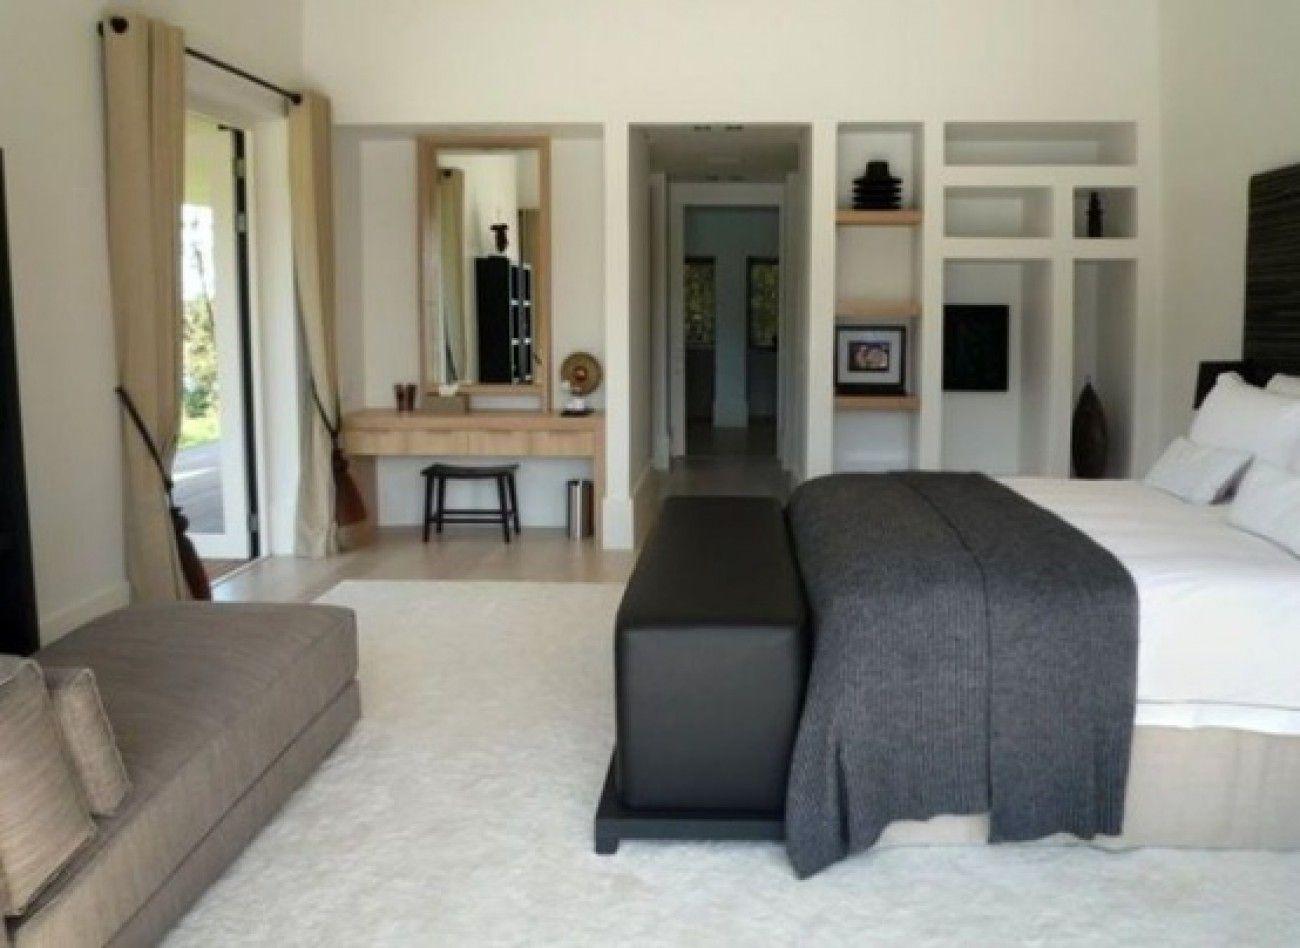 Slaapkamer door Piet Boon - Slaapkamer ideeen | Pinterest ...